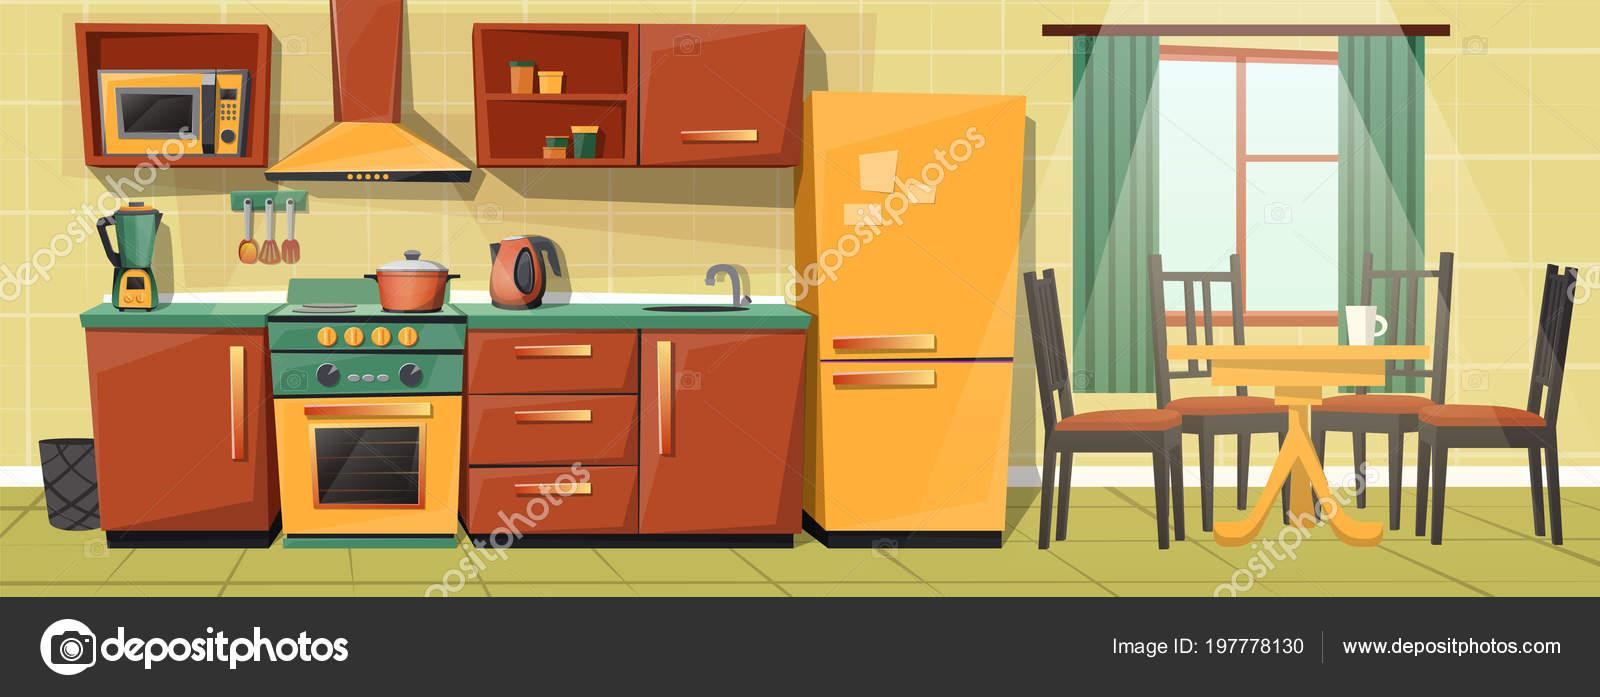 Cocina familia de dibujos animados de vector con los ...